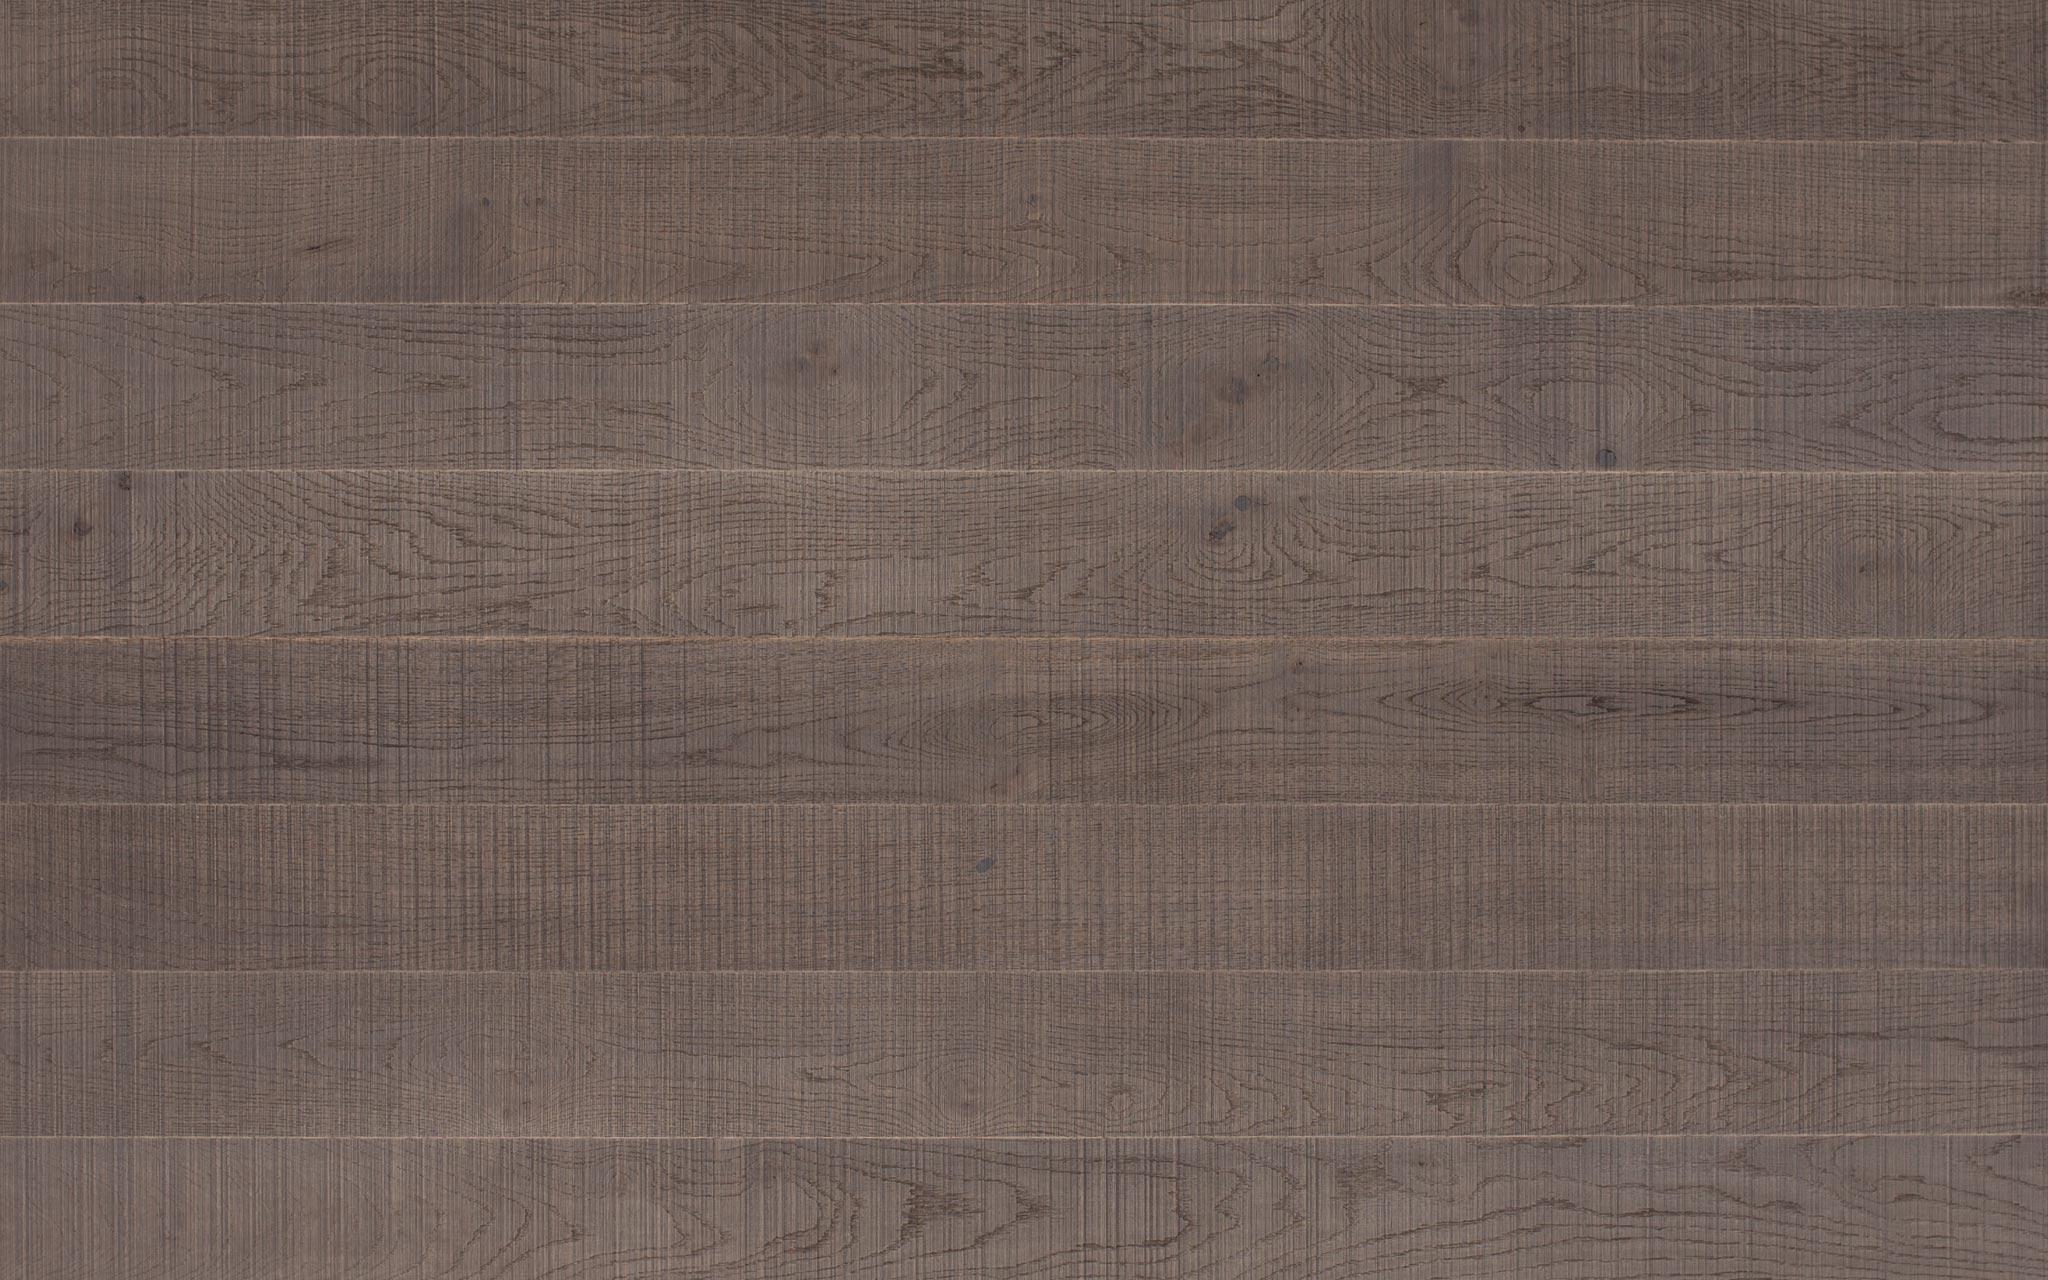 Listone Giordano Siena 1179 lg filo di lama montalcino 1118 | marble trend | marble